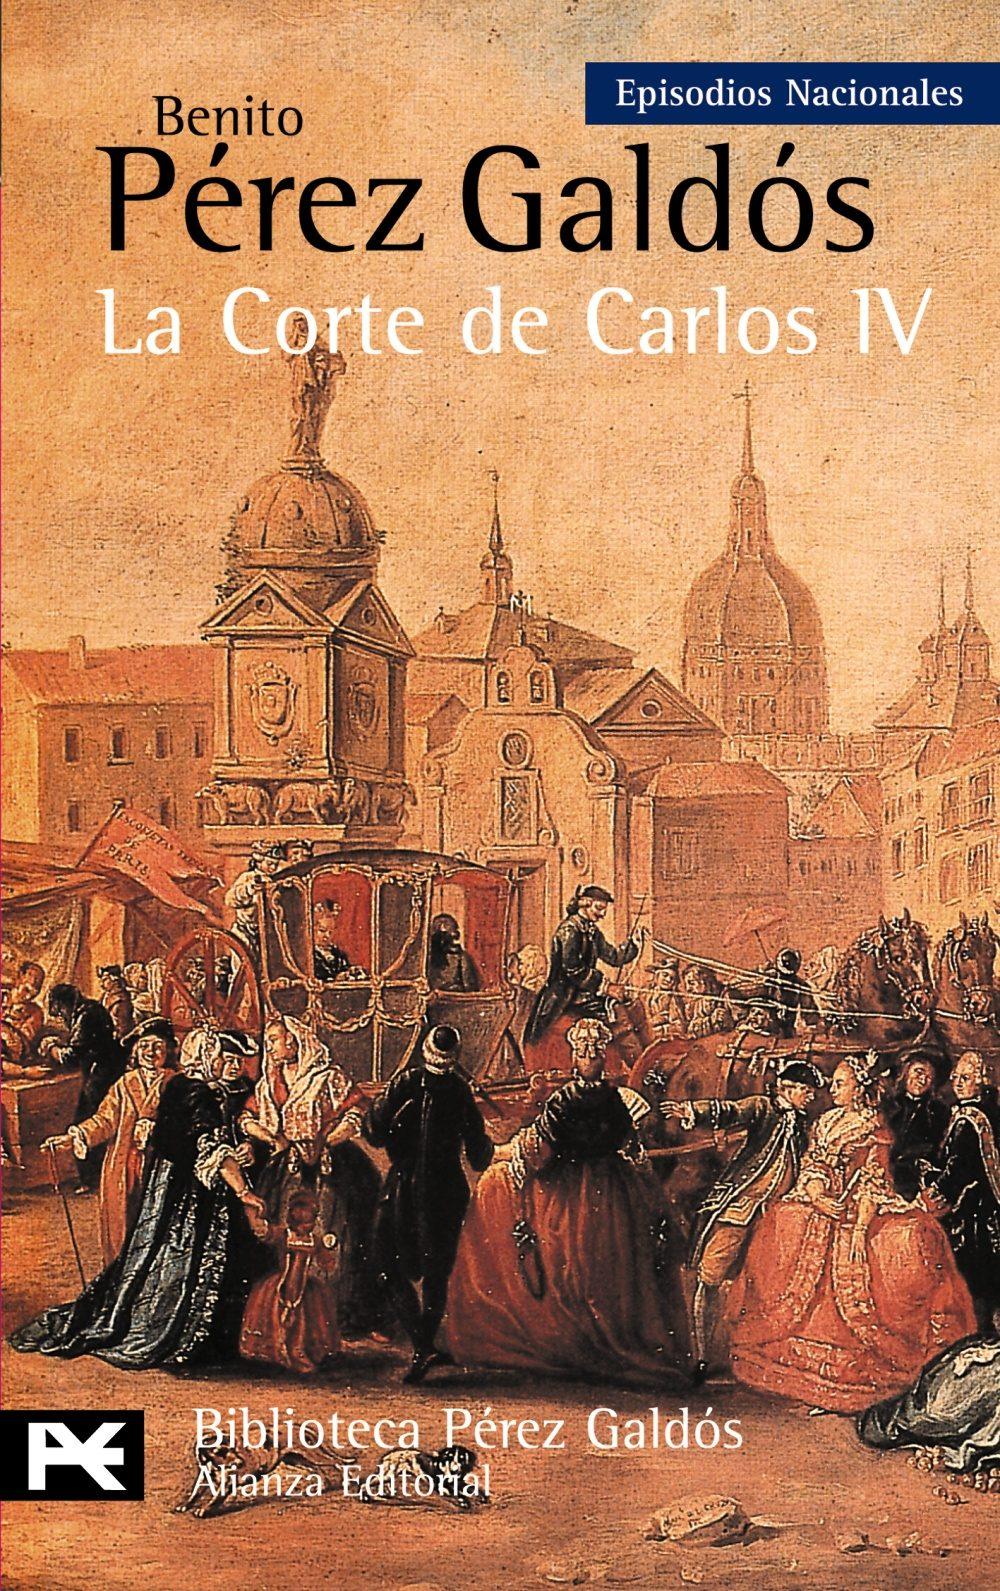 El Cultural – La Corte de Carlos IV